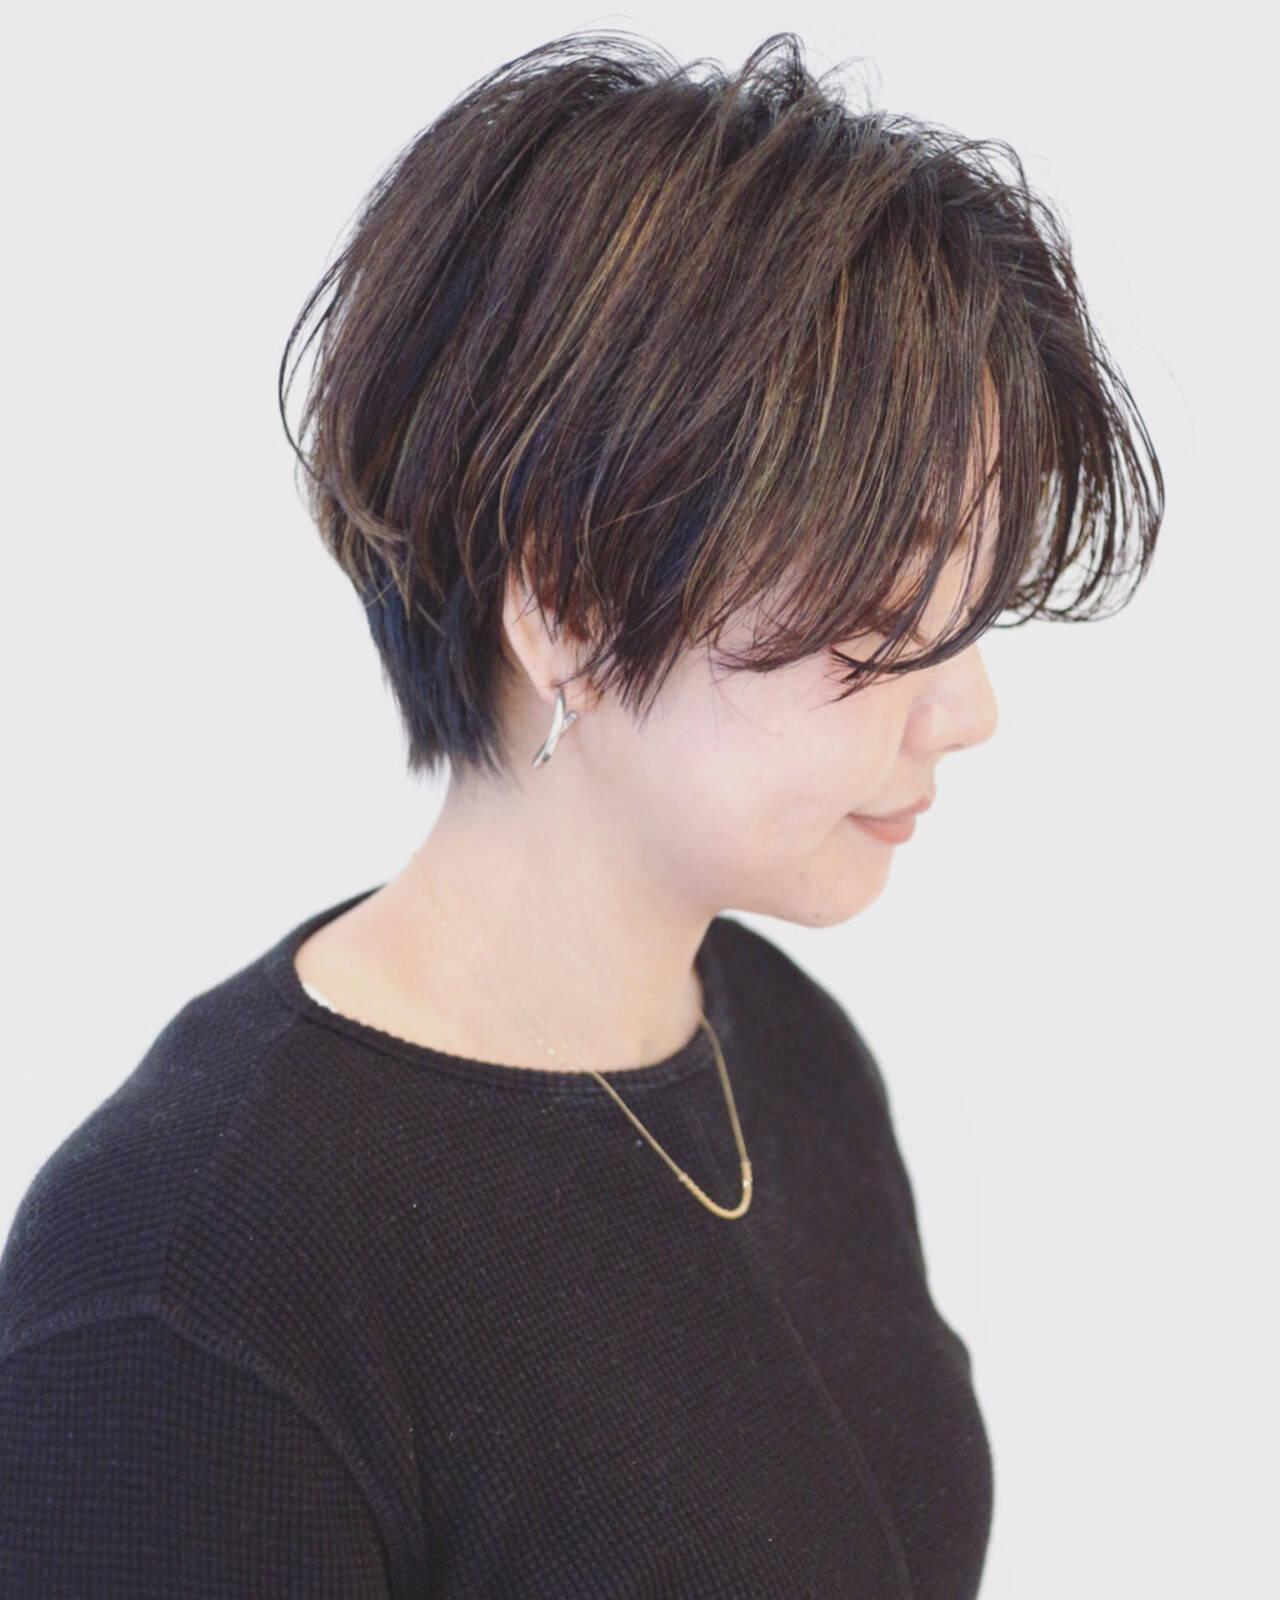 ストリート ブルーアッシュ 外国人風 暗髪ヘアスタイルや髪型の写真・画像